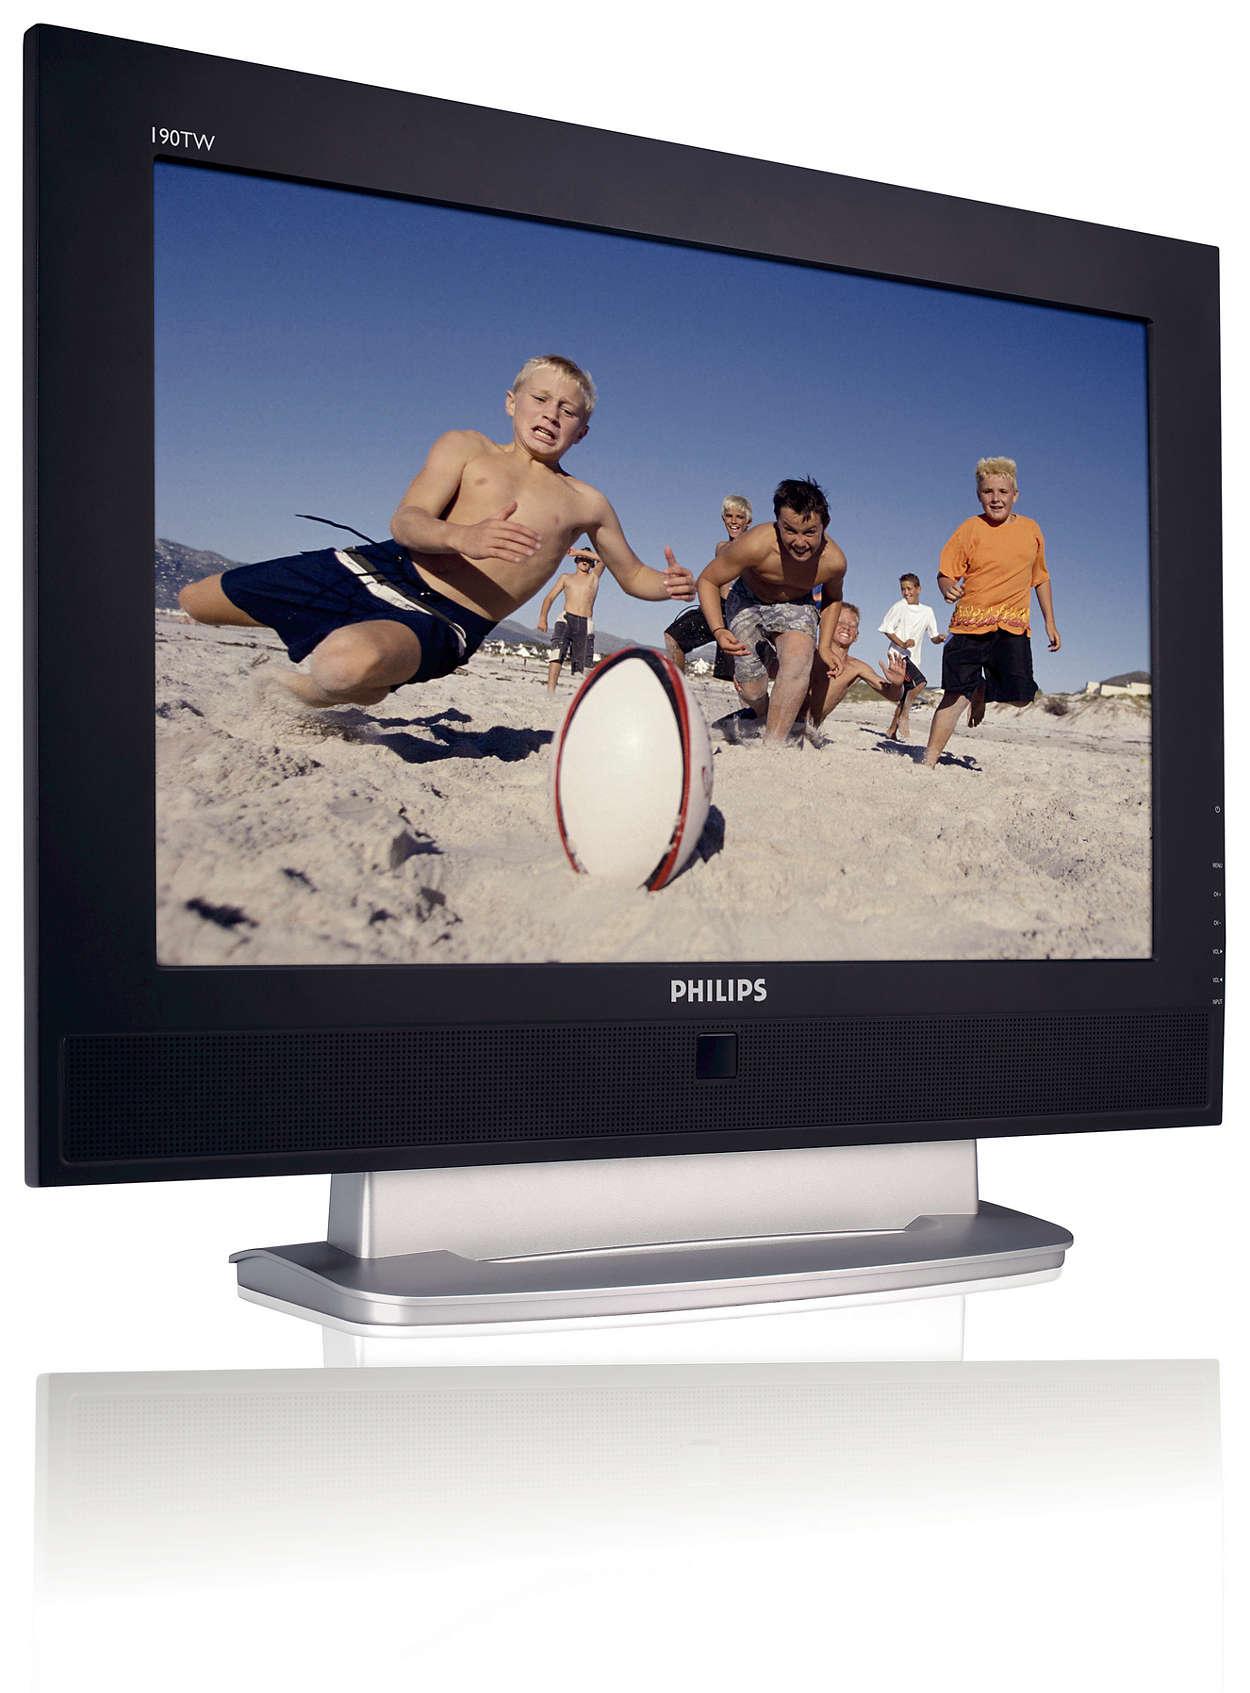 Voll ausgestattete Kombination aus LCD-Monitor und Fernsehgerät